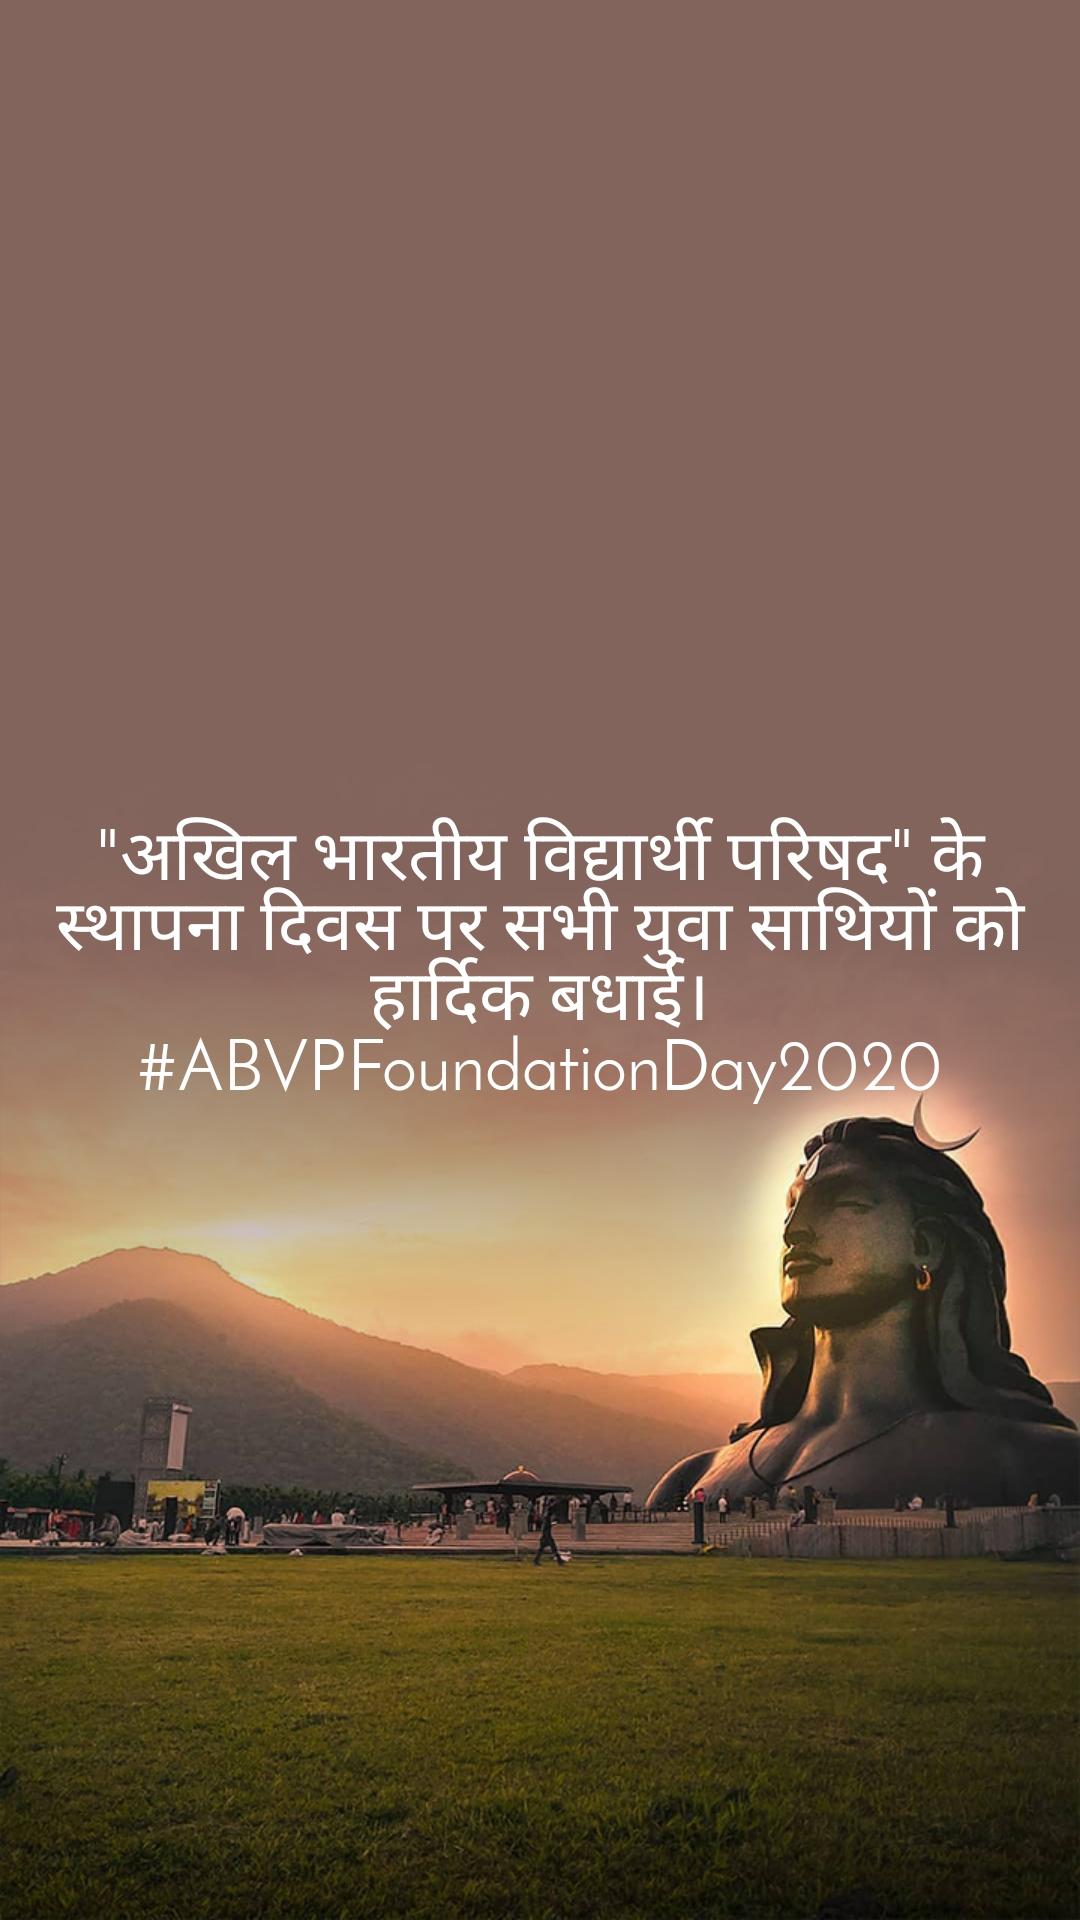 """""""अखिल भारतीय विद्यार्थी परिषद"""" के स्थापना दिवस पर सभी युवा साथियों को हार्दिक बधाई। #ABVPFoundationDay2020"""